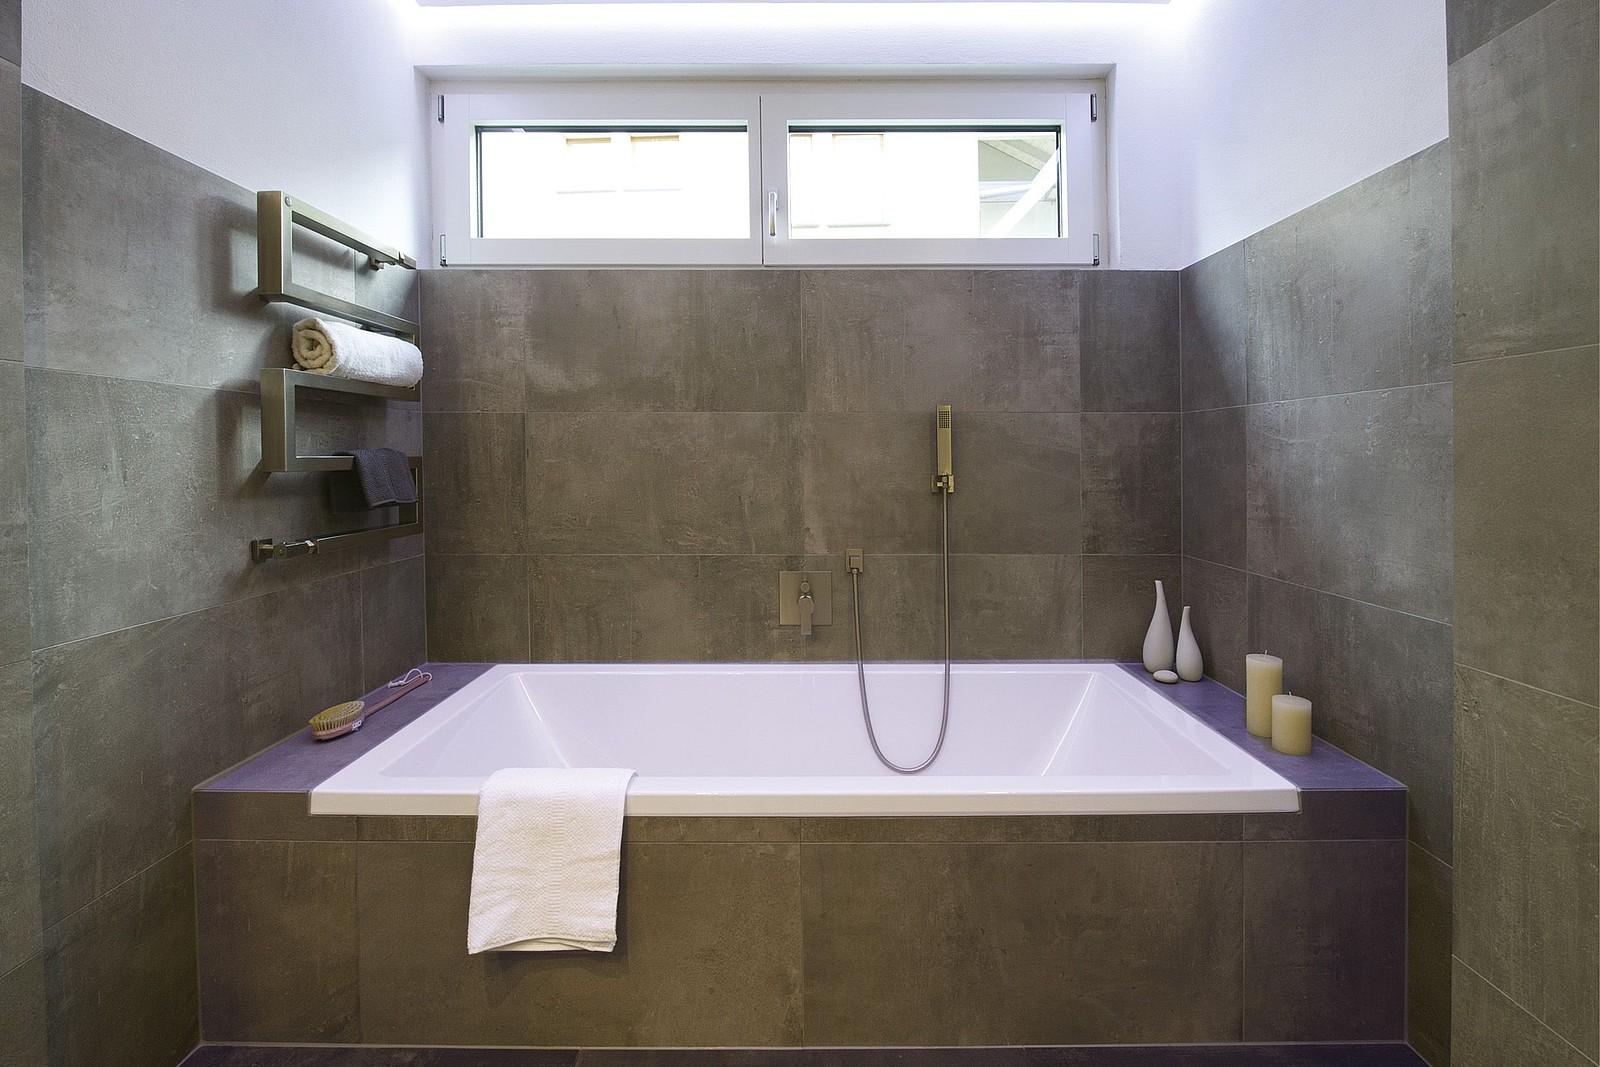 Badheizkörper und Handtuchtrockner • HSH-Installatör